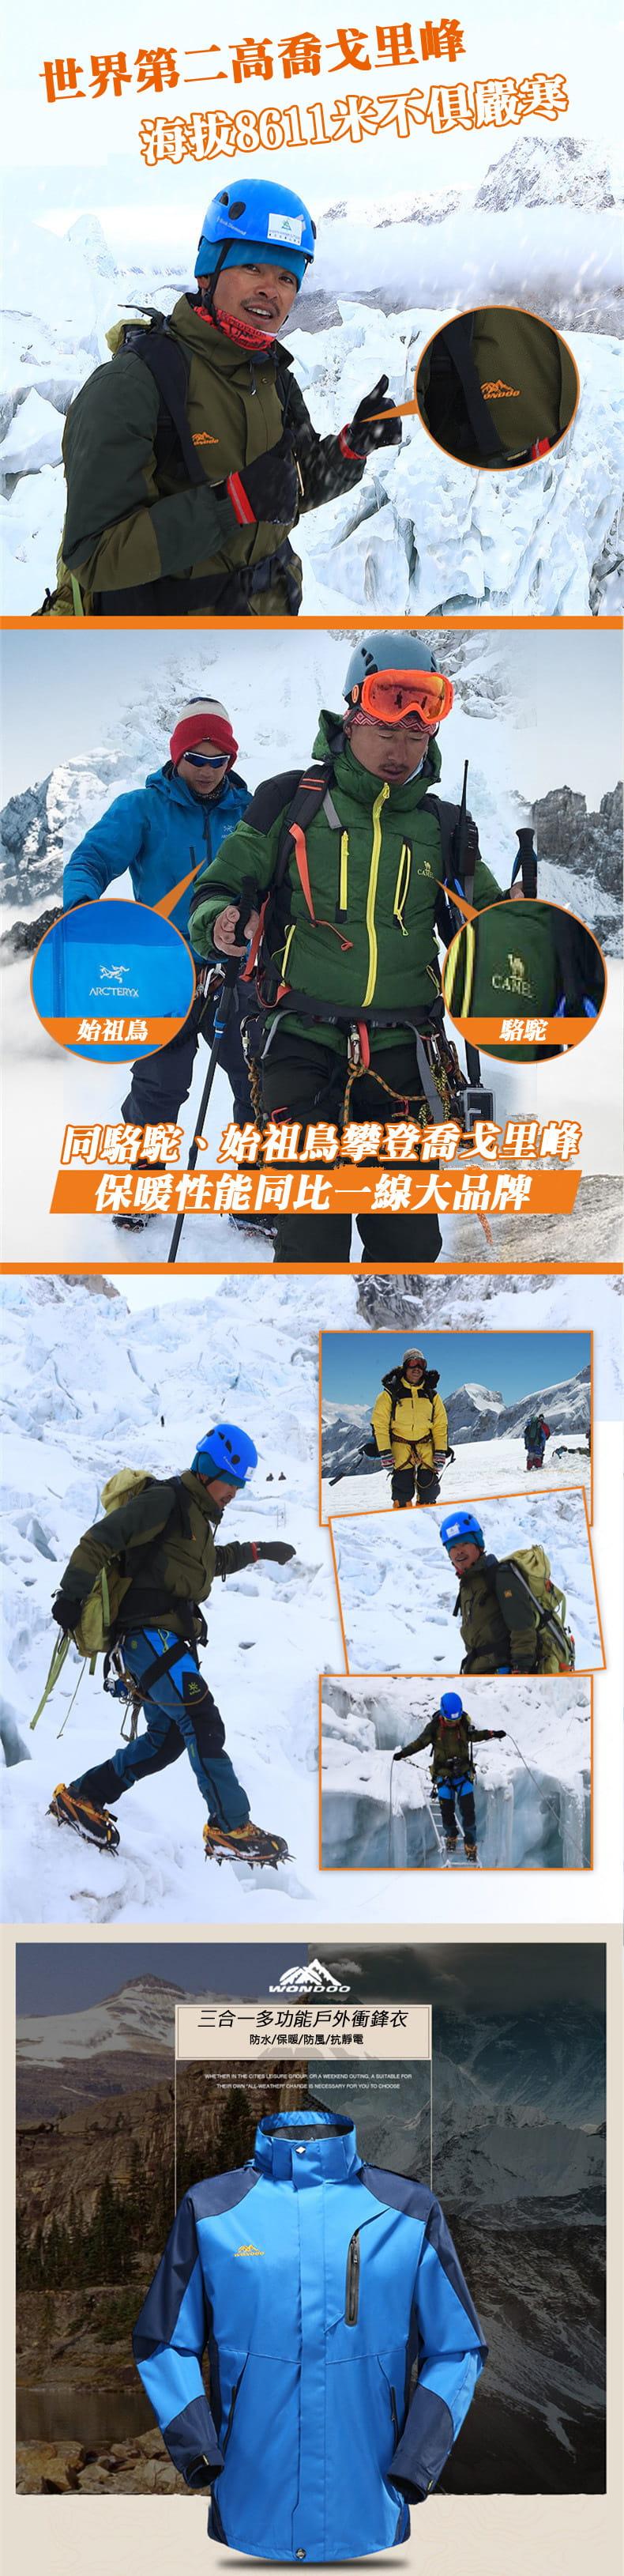 加大碼三合一真禦寒機能衝鋒衣外套  防水防風戶外登山外套 男/女款 XL~8XL【CP16001】 5